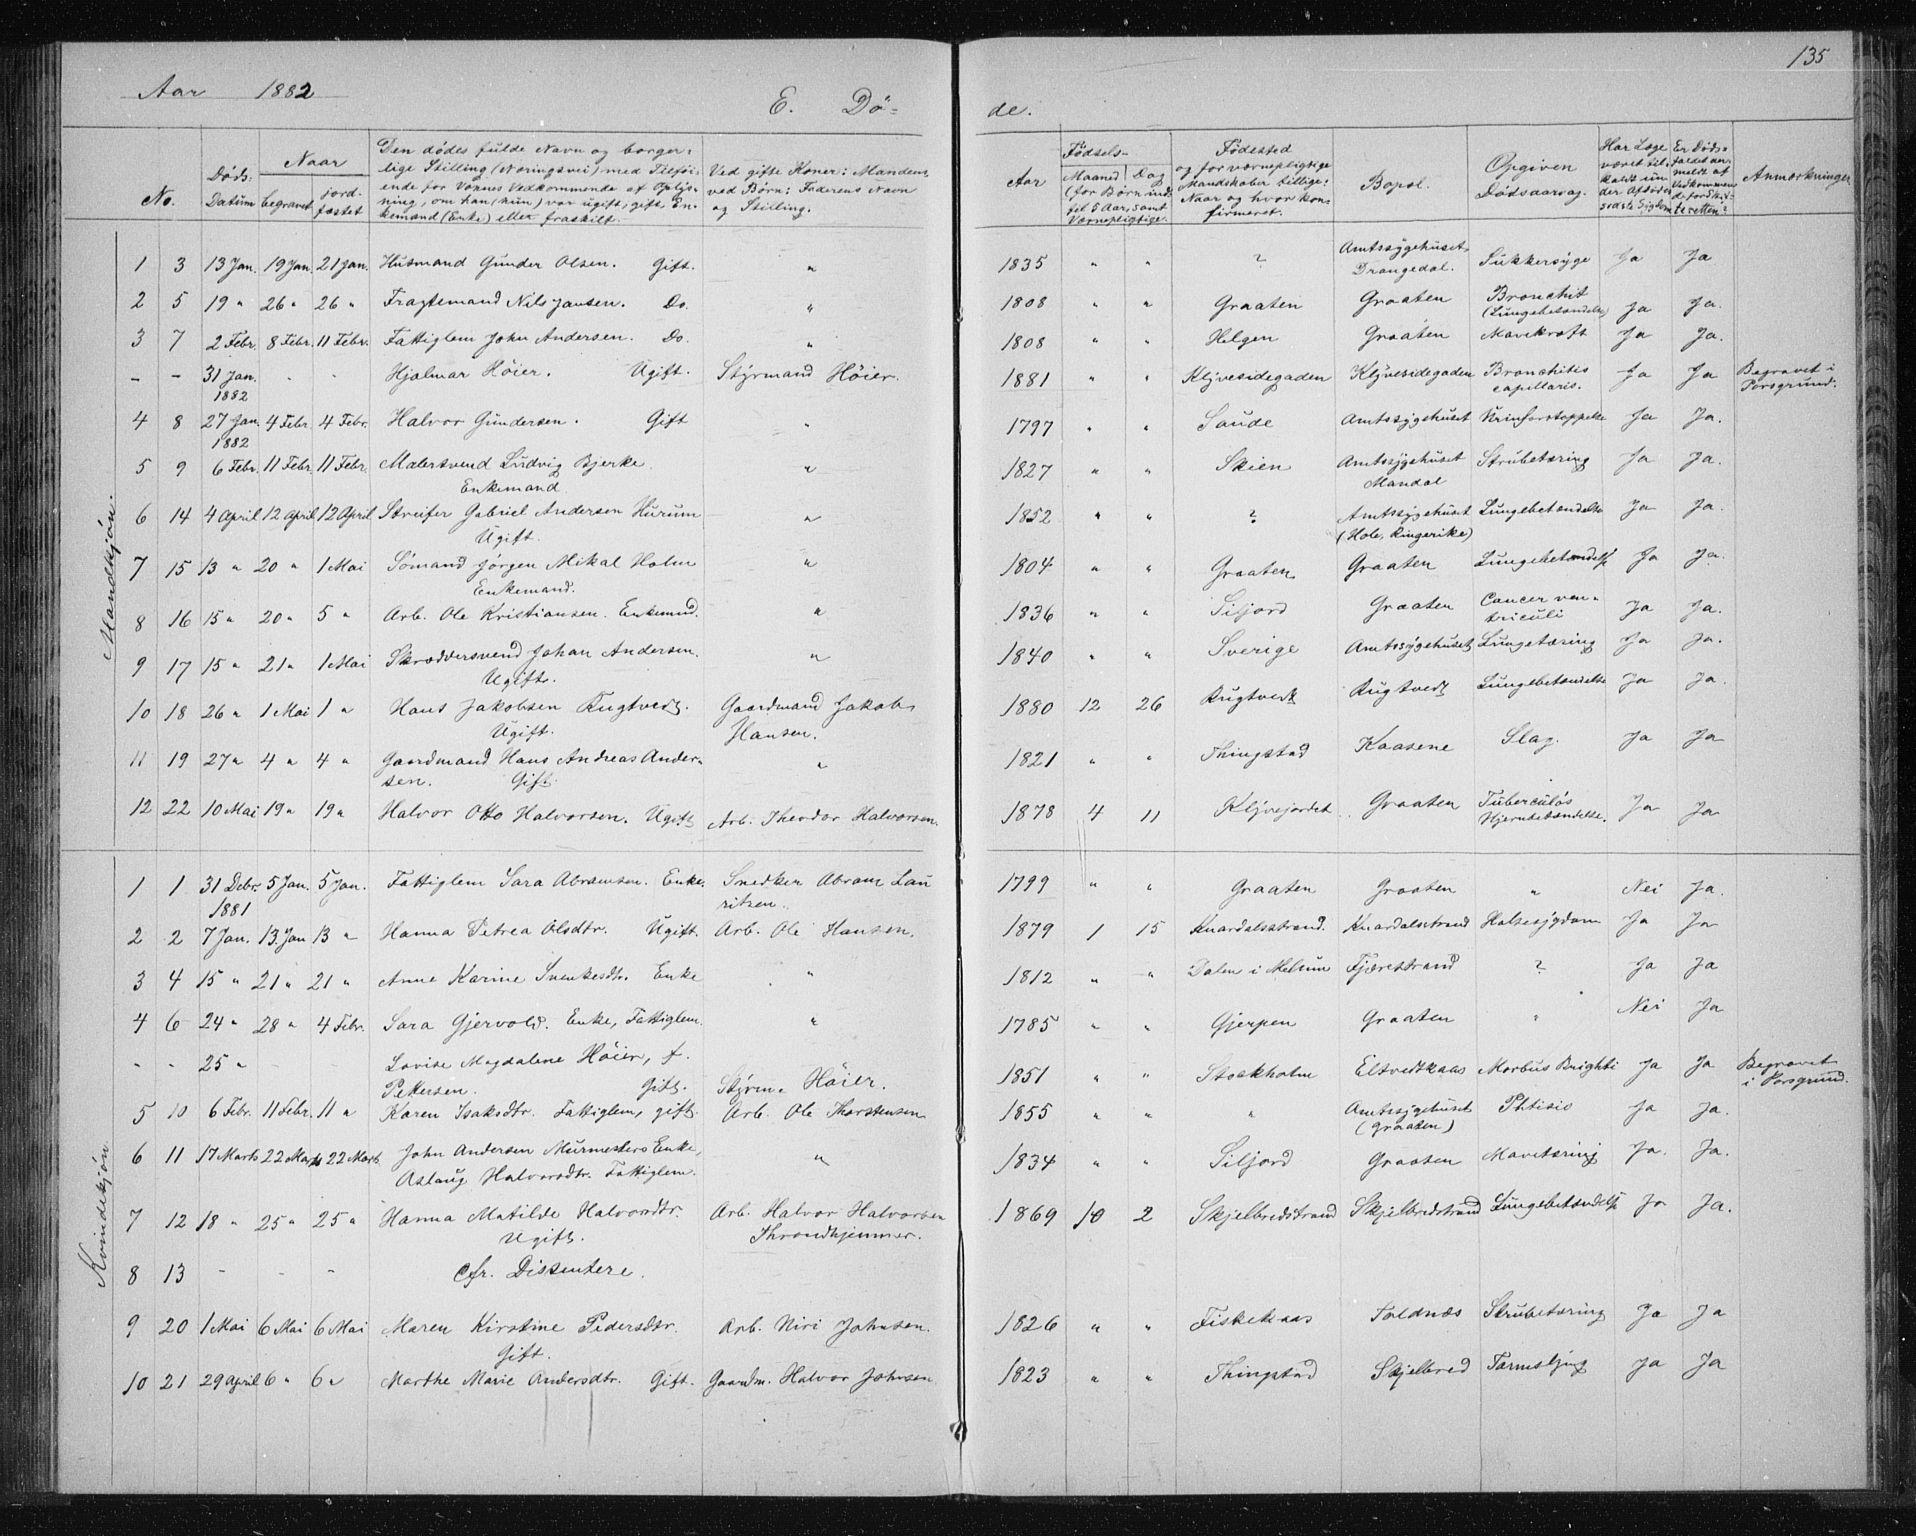 SAKO, Solum kirkebøker, G/Ga/L0006: Klokkerbok nr. I 6, 1882-1883, s. 135